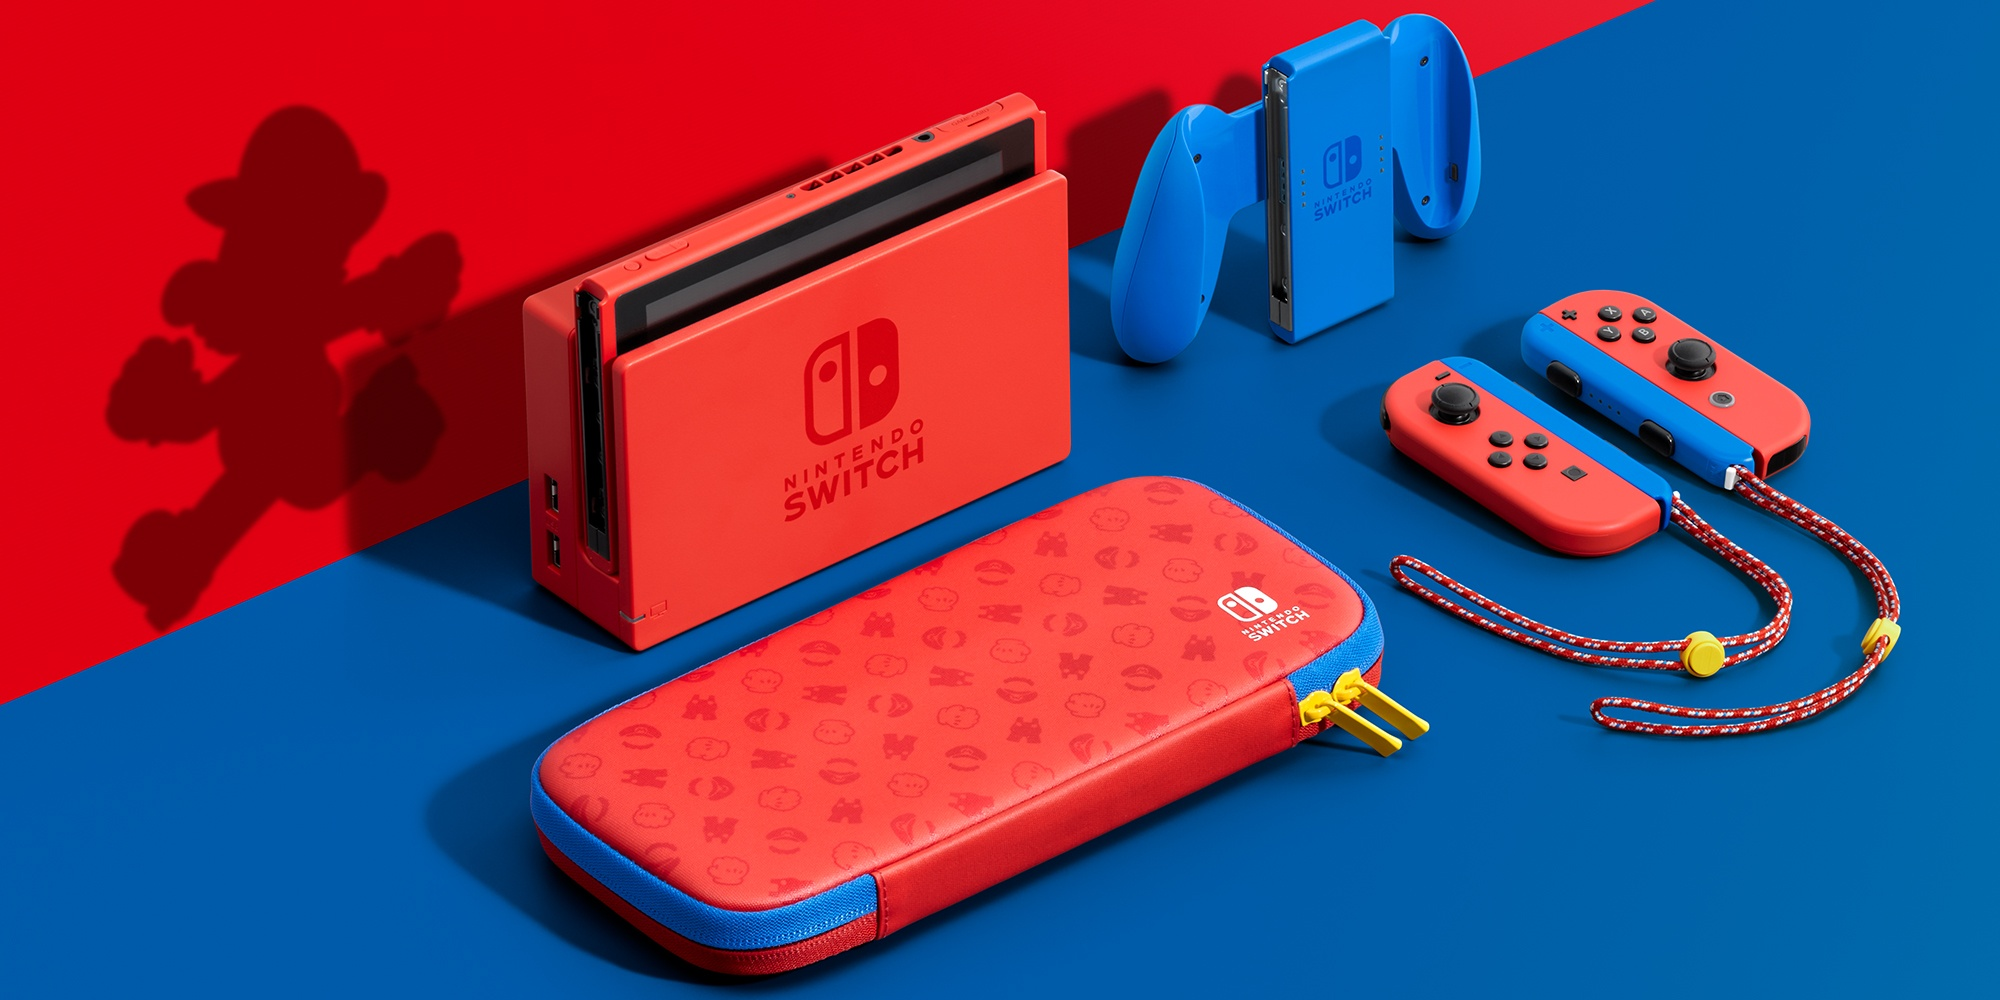 Switch Super Mario